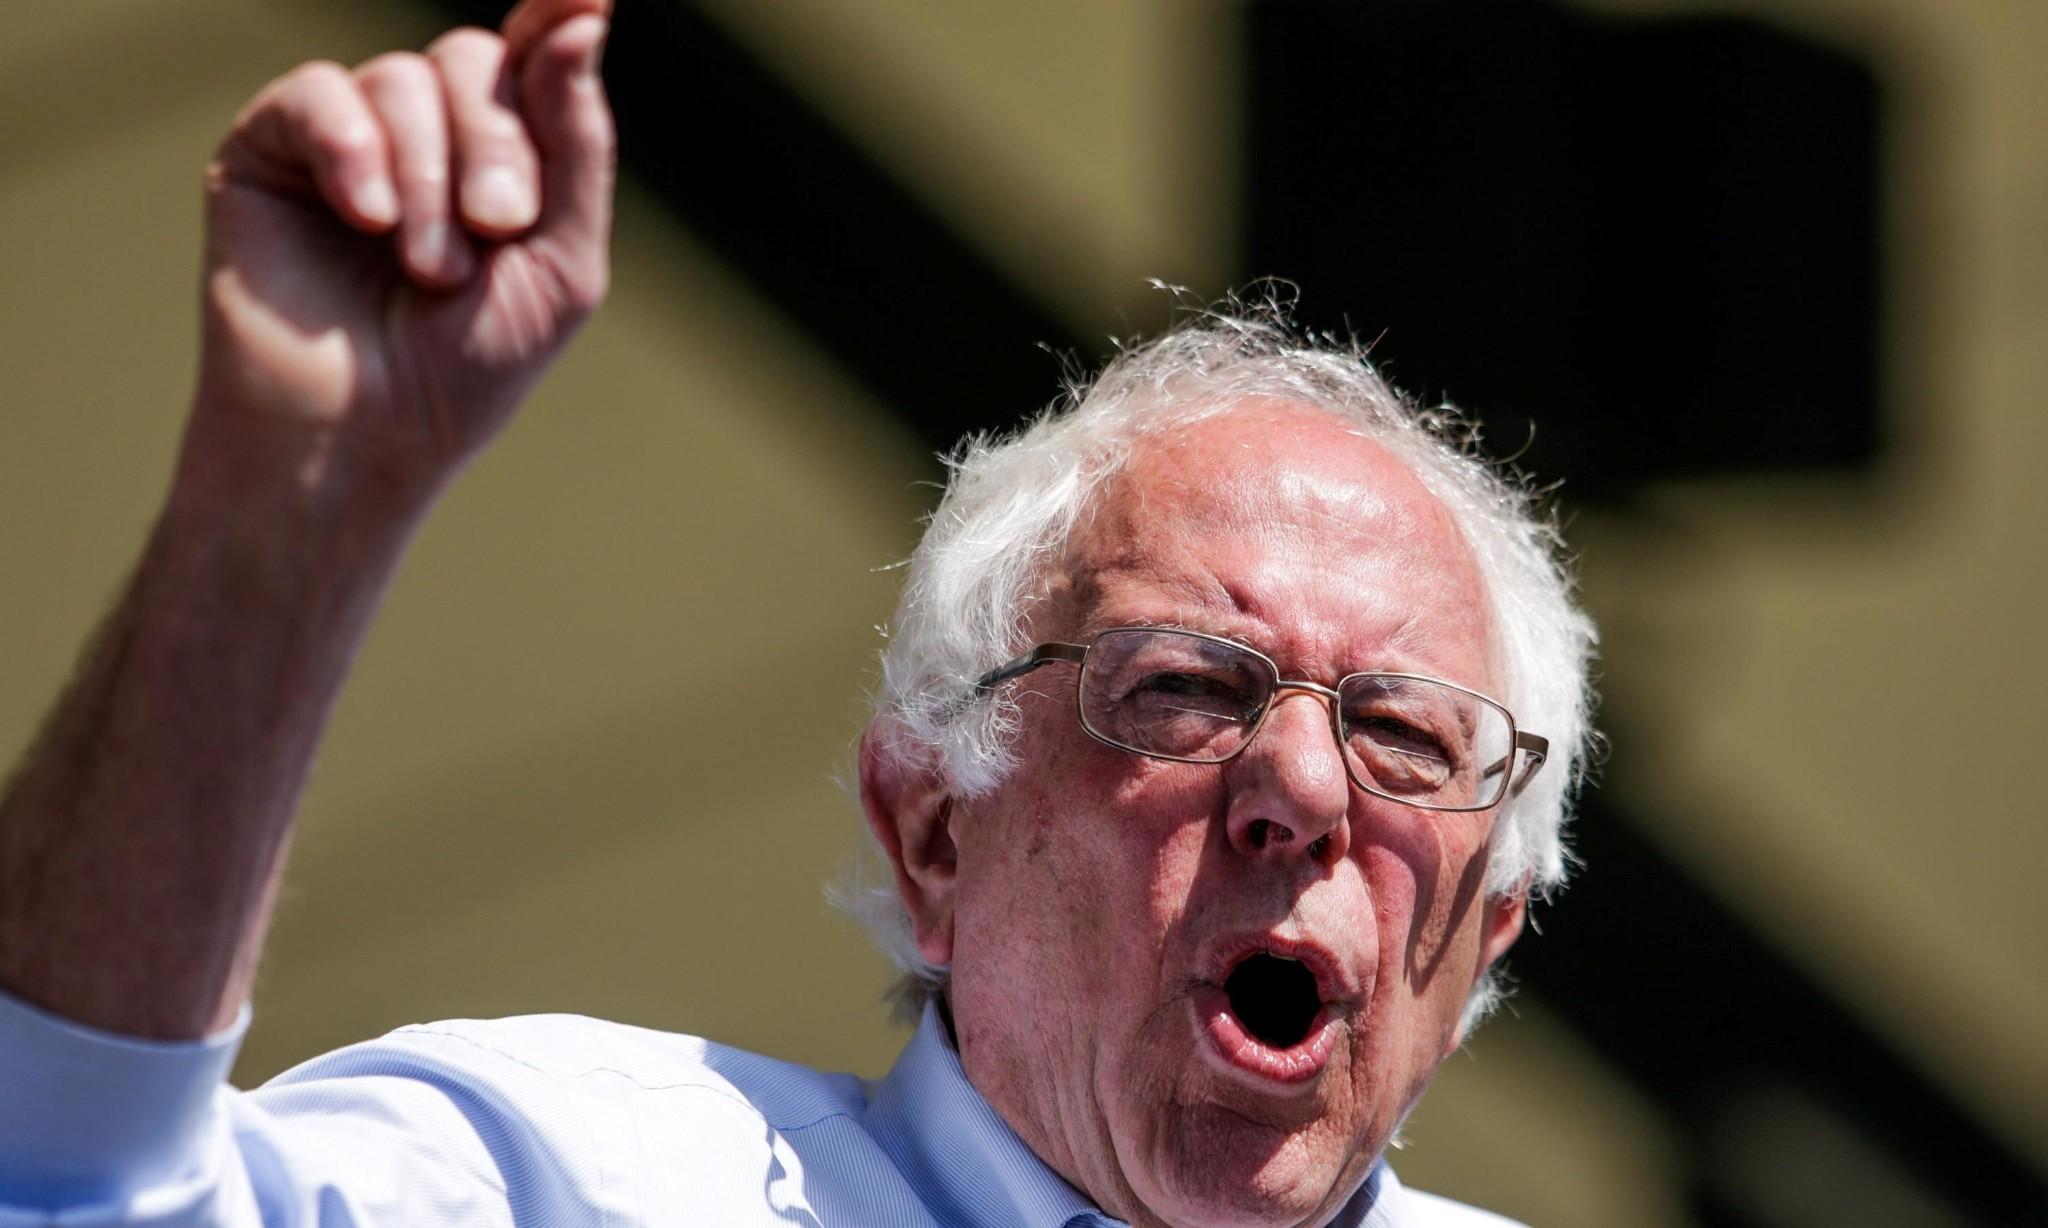 Bernie Sanders wins West Virginia primary, keeping up pressure on Clinton